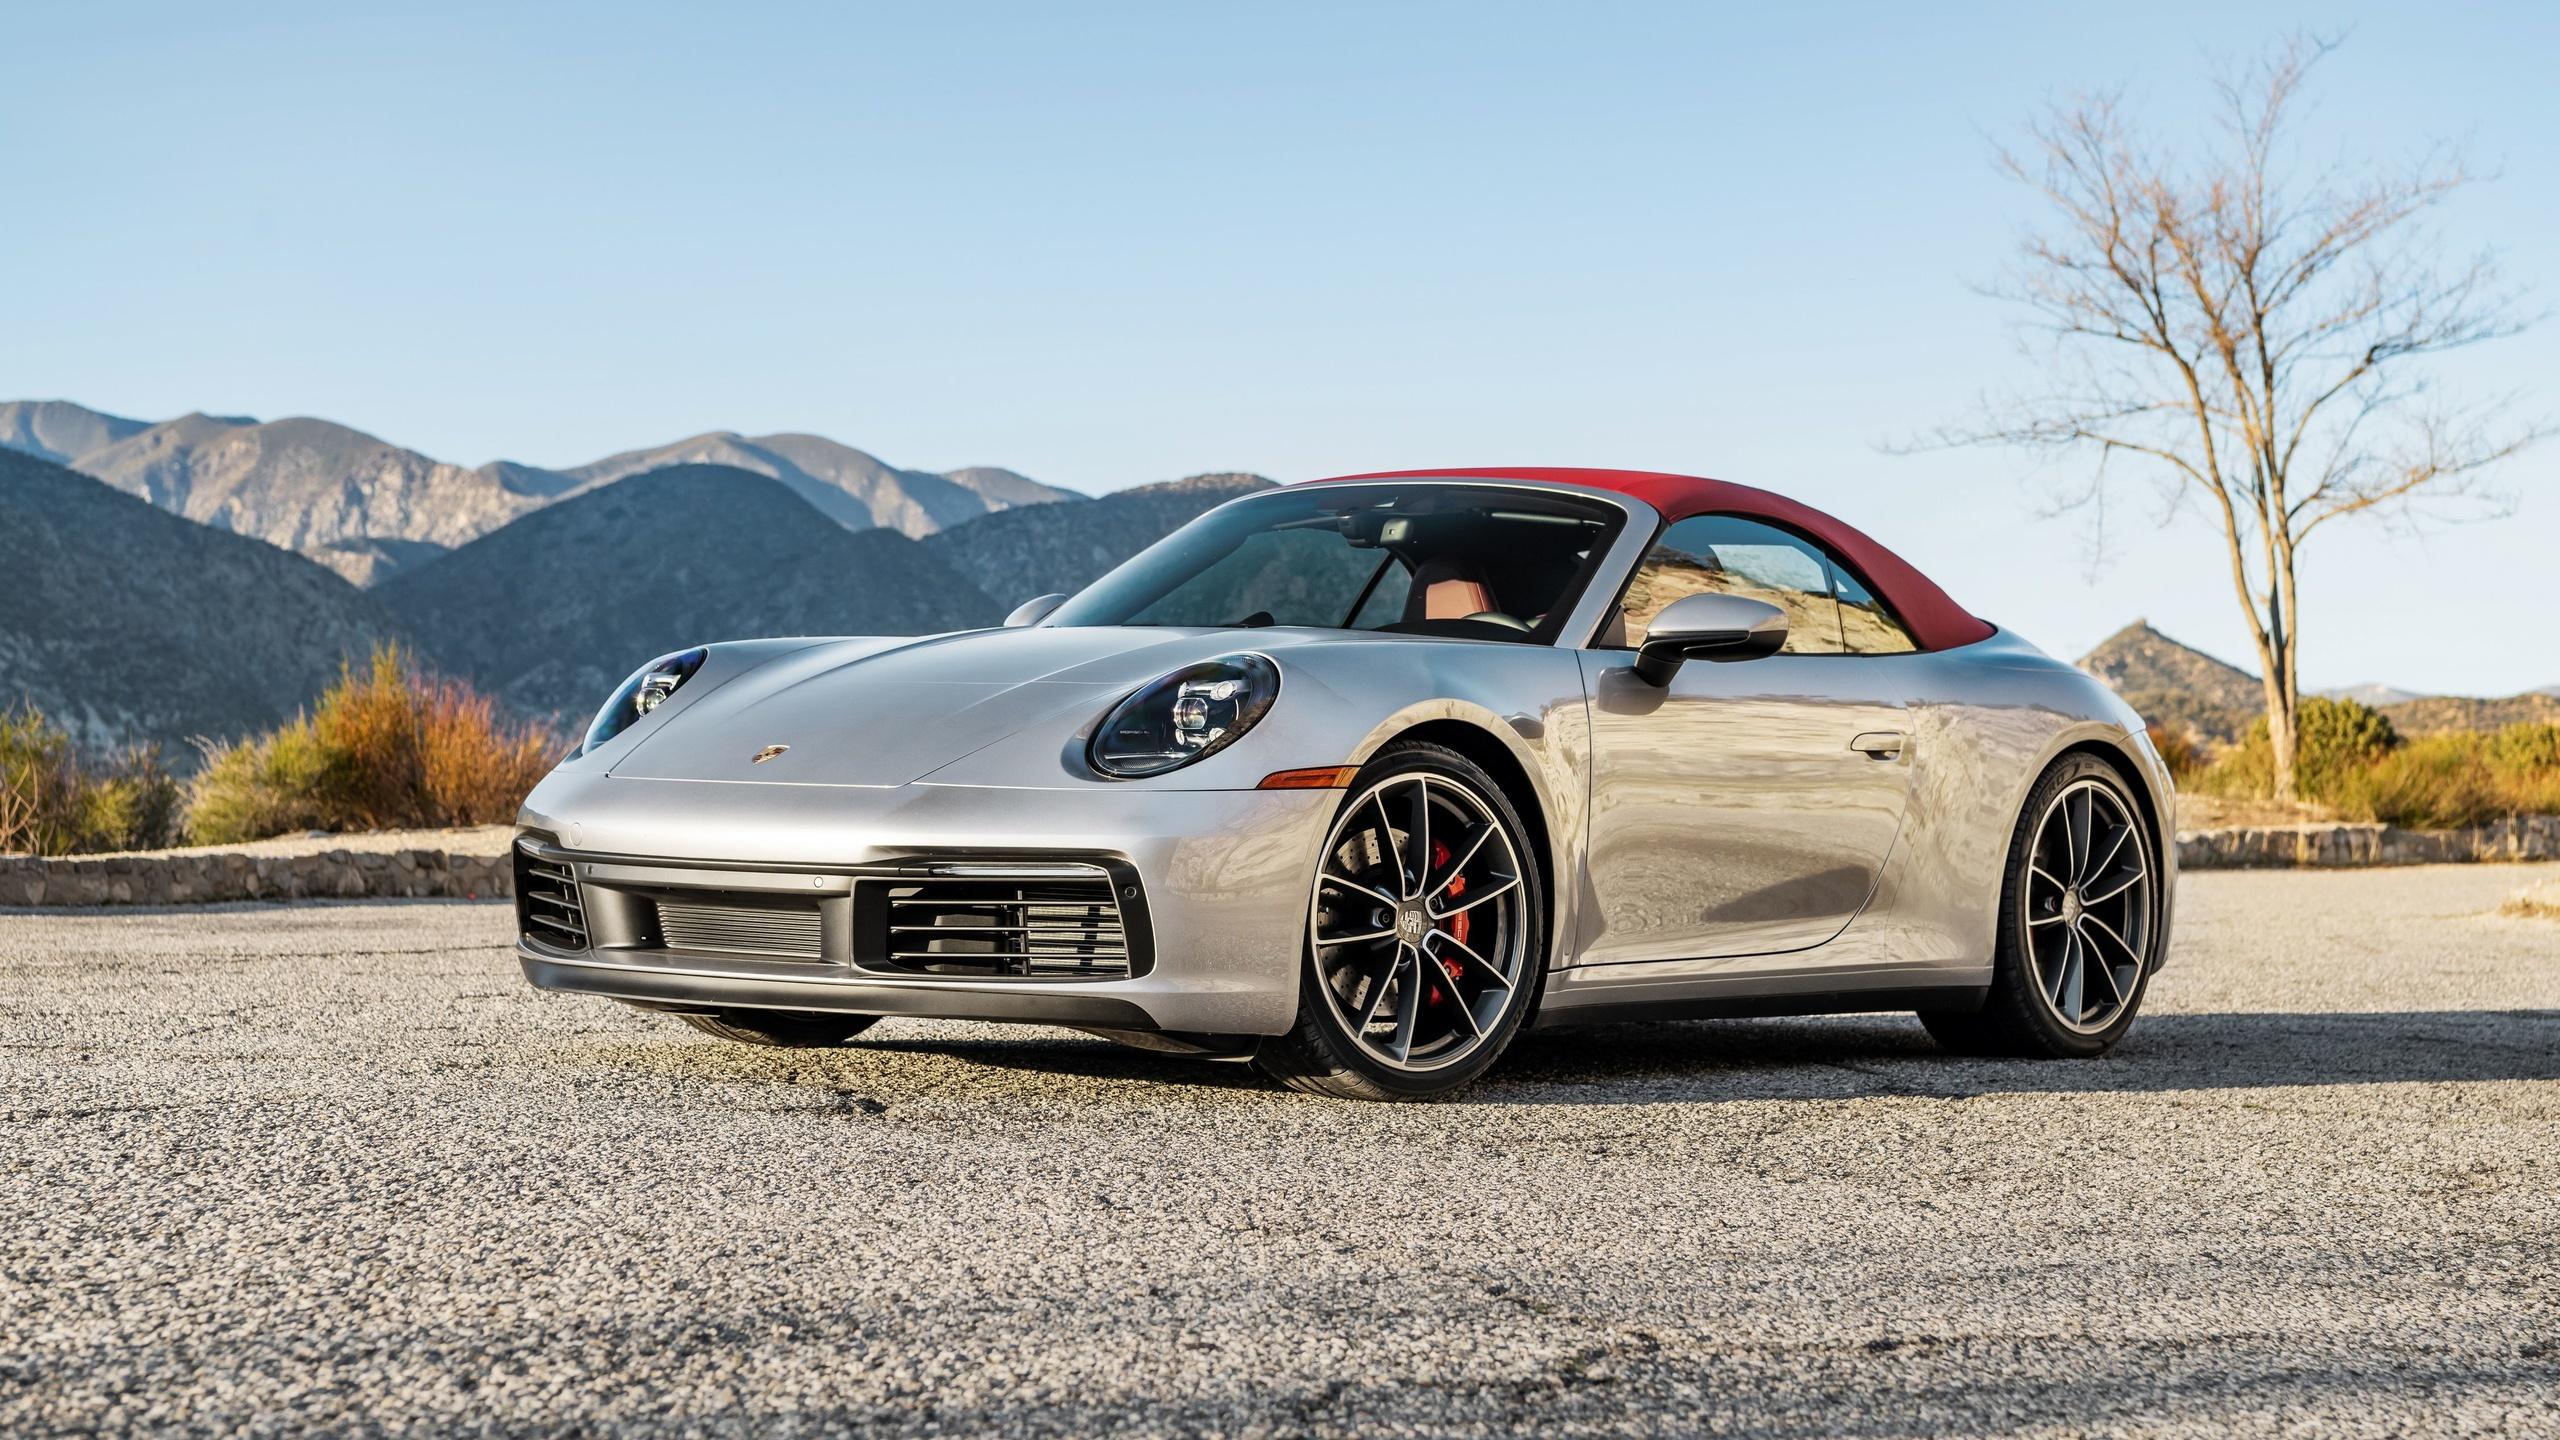 porsche 911 carrera s, convertible, silver sports coupe, new silver 911 carrera s, german sports cars, porsch